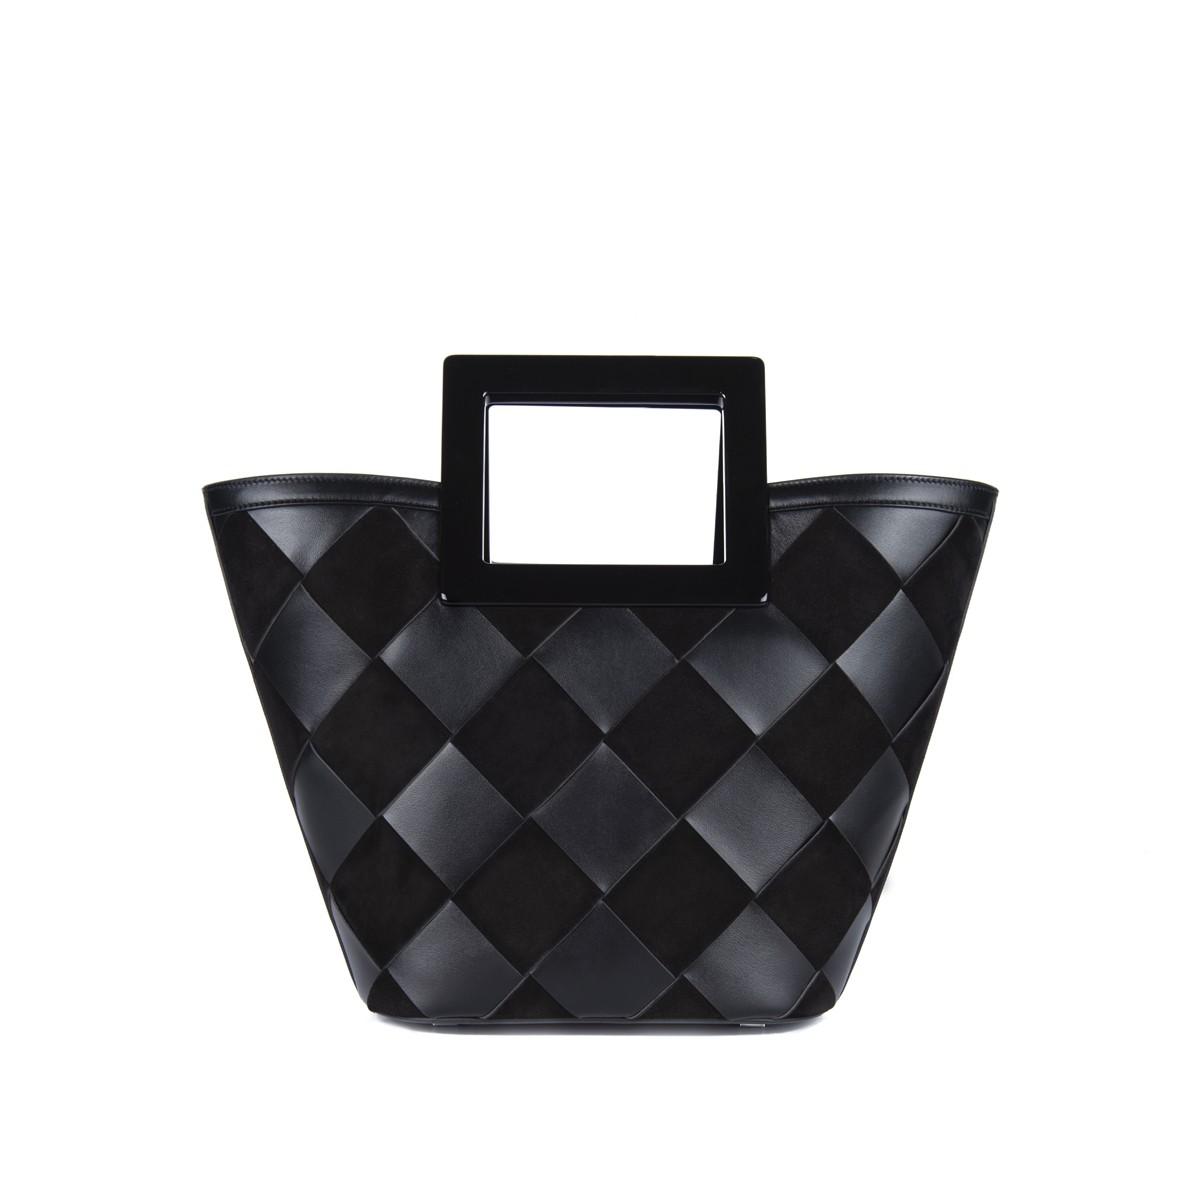 Mini Riviera in Black Woven Leather1